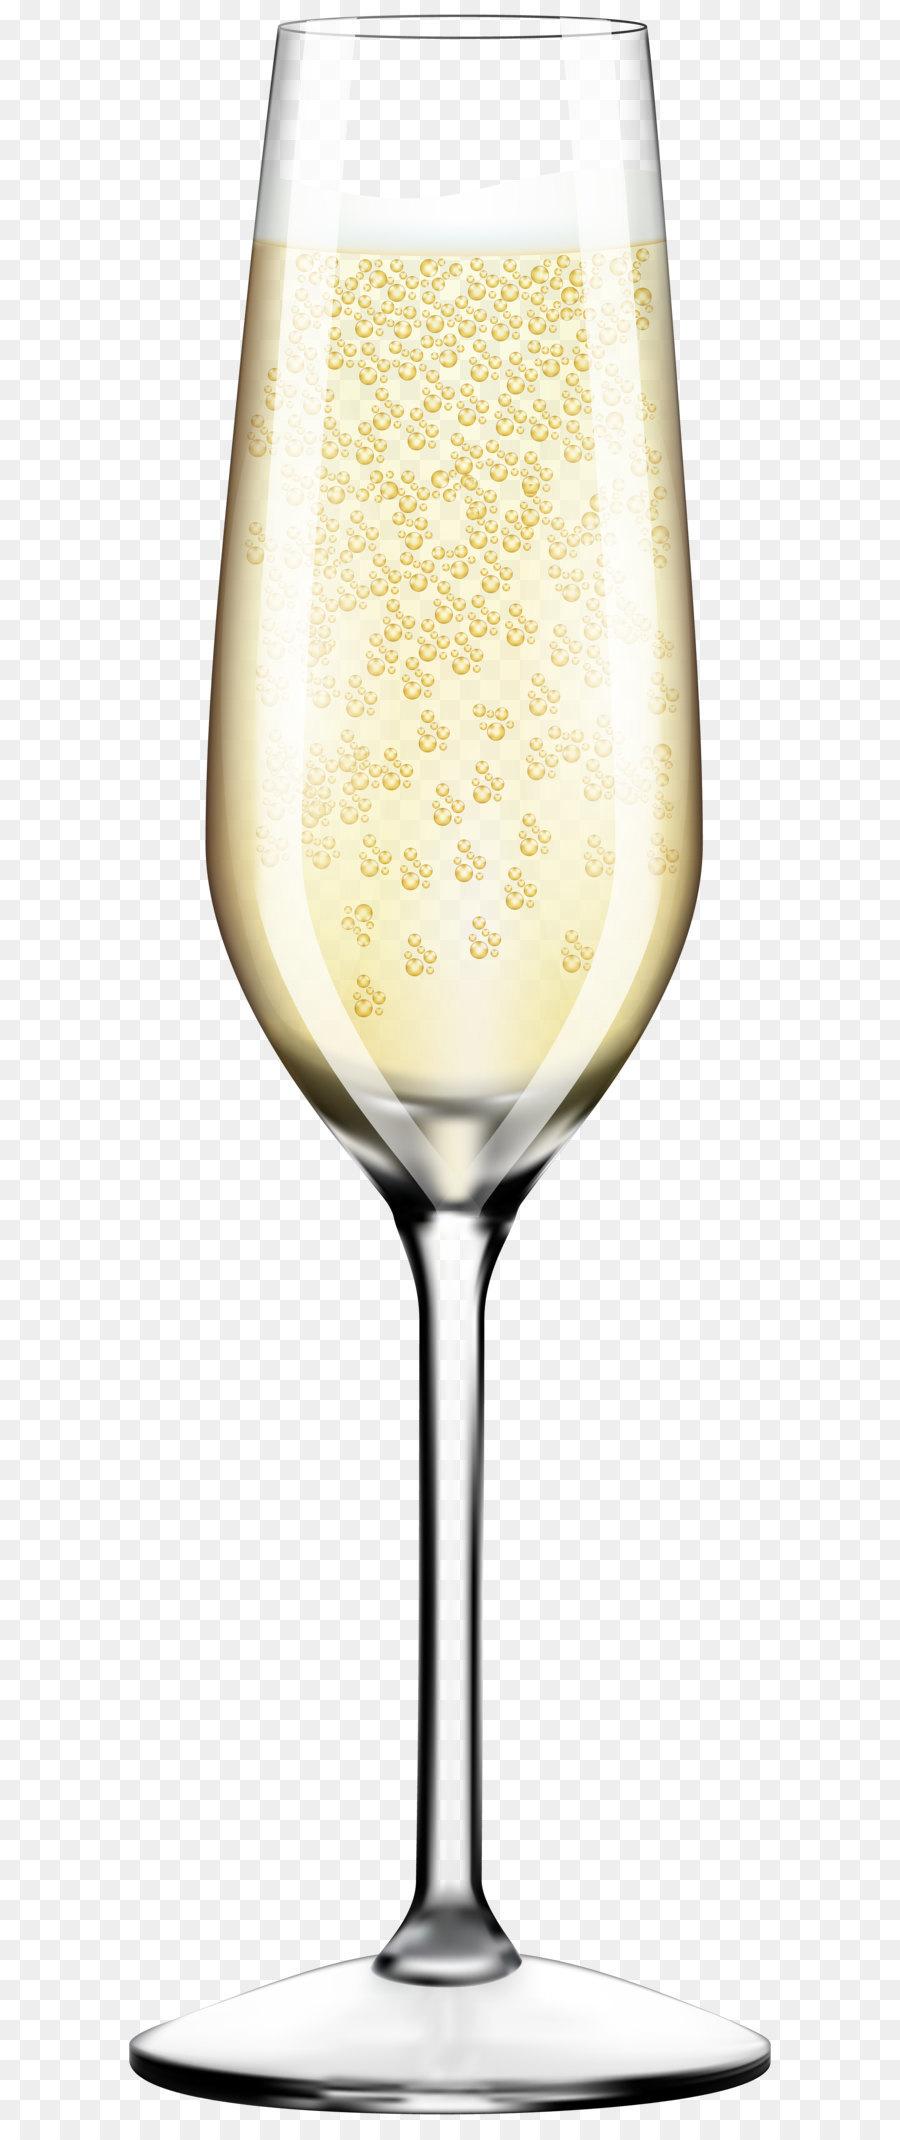 Descarga gratuita de Vino, Copas, Vidrio imágenes PNG